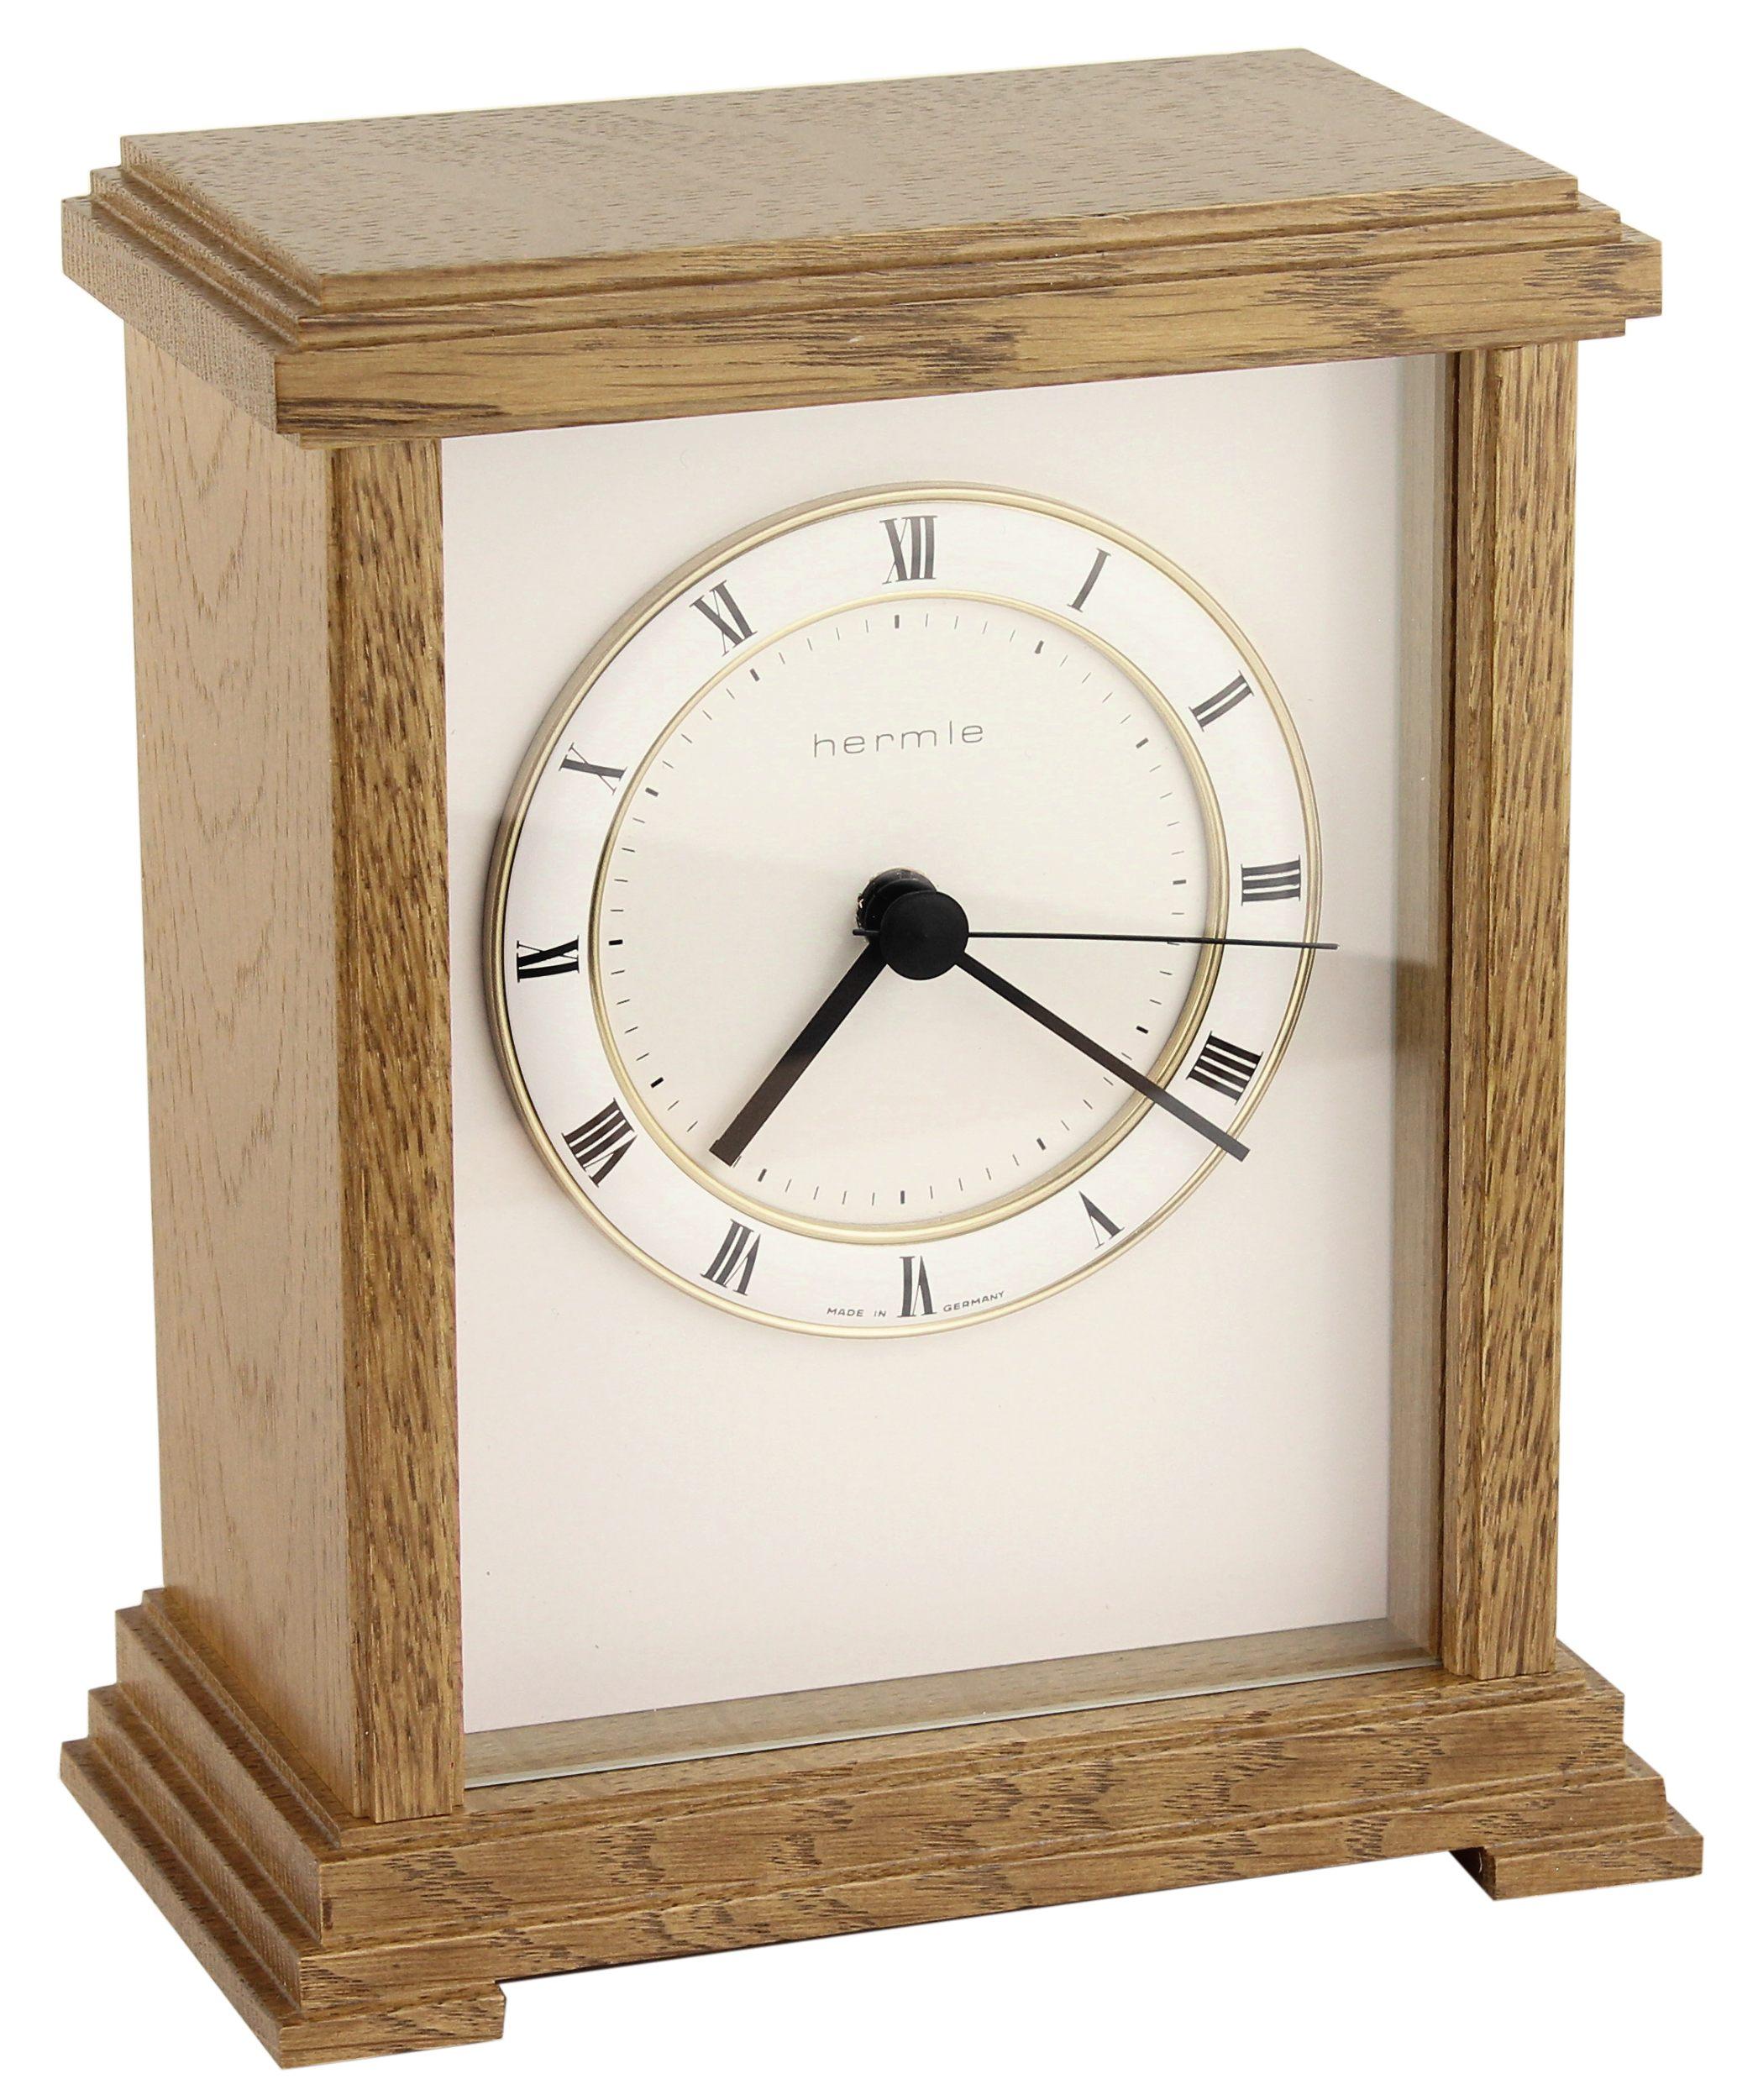 hermle funkuhr eiche 19cm 22872 040870 tischuhr mit batteriebetriebenem quartz ebay. Black Bedroom Furniture Sets. Home Design Ideas